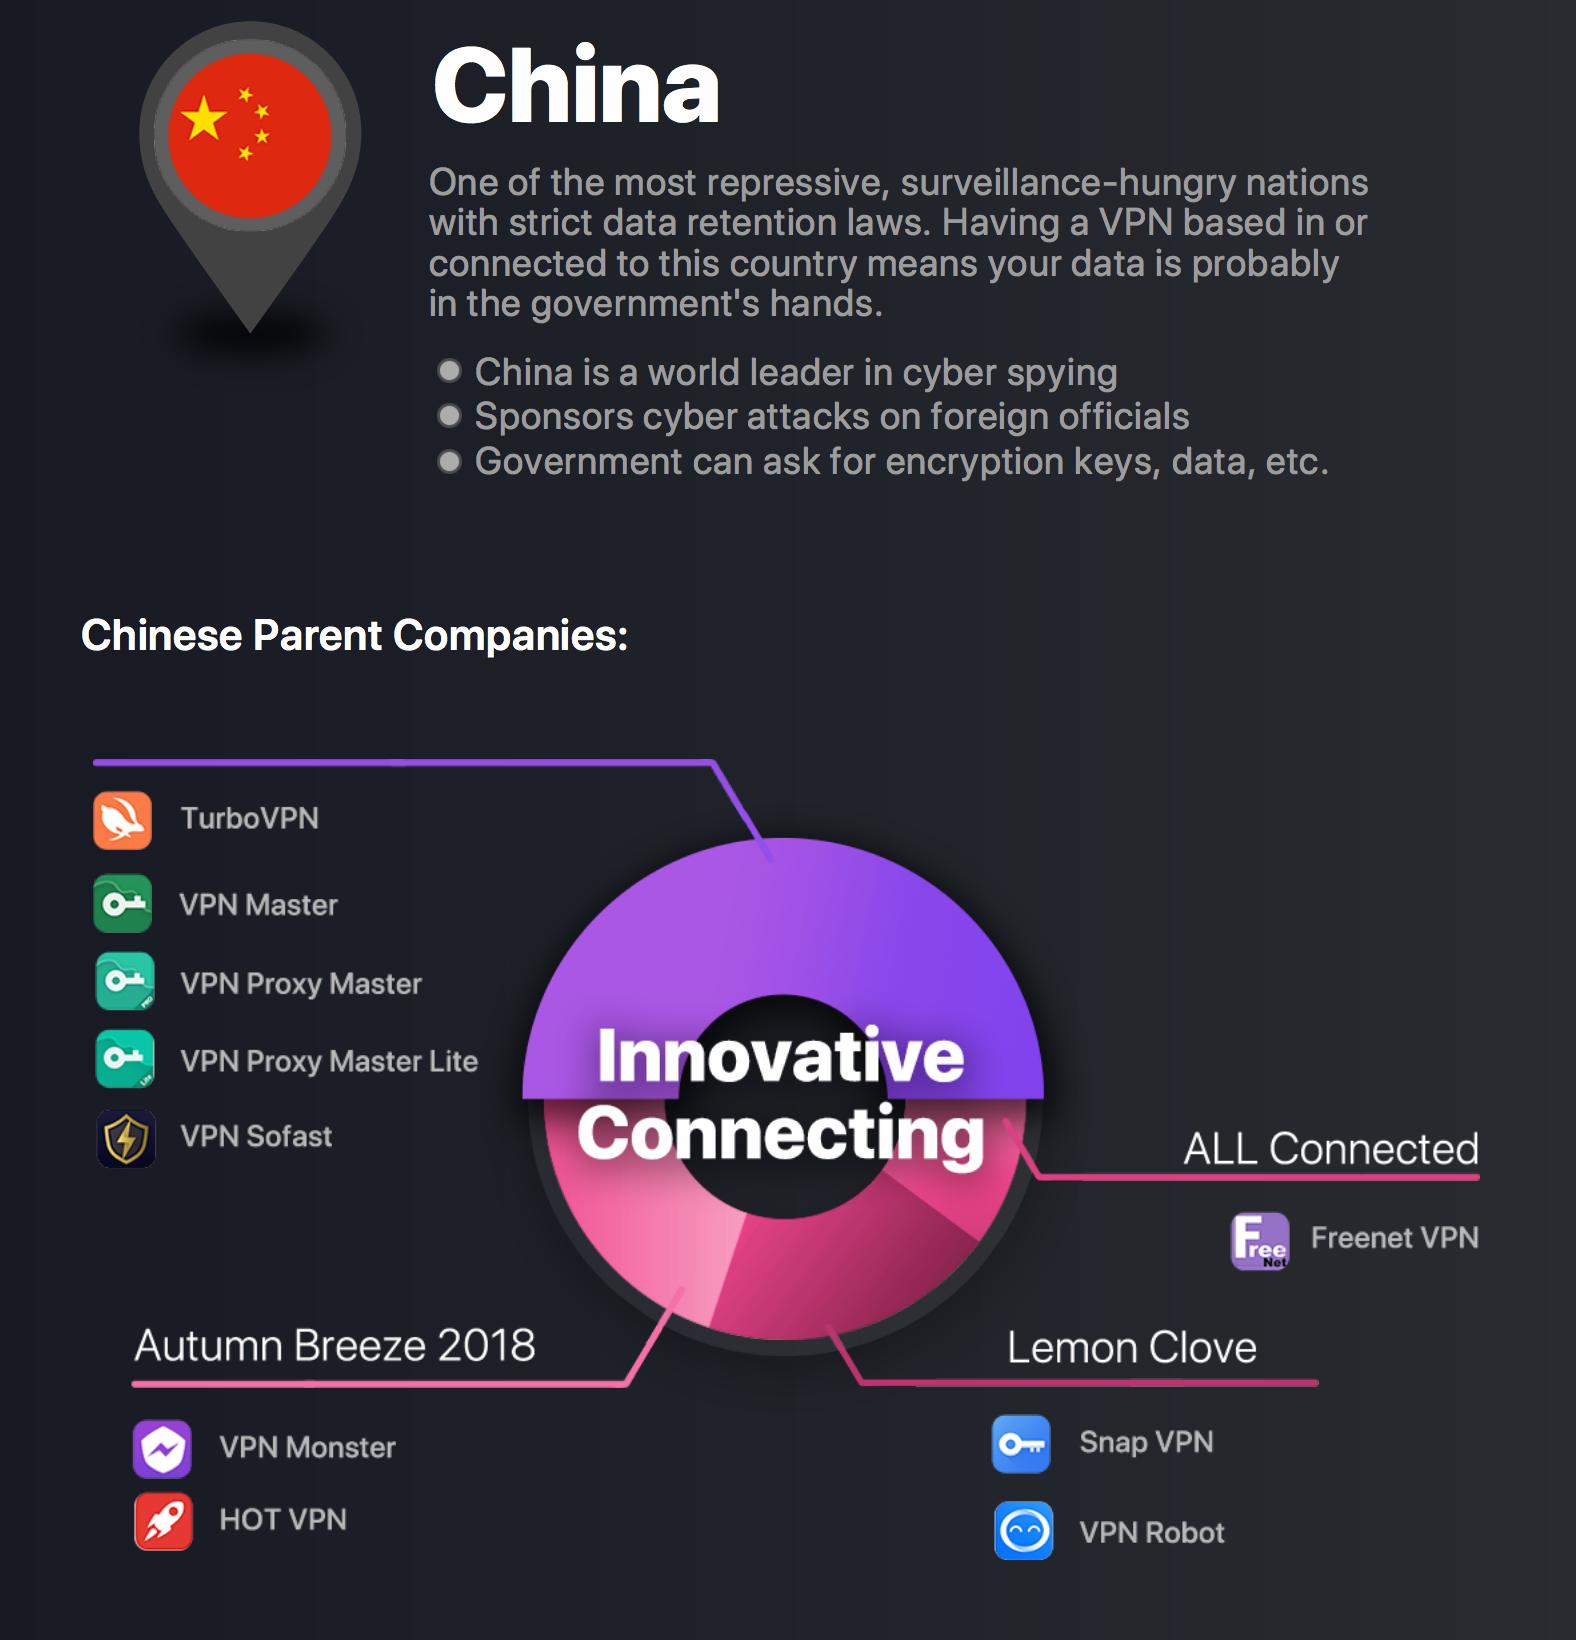 97 VPN-ów jest kontrolowanych przez 23 firmy, z czego